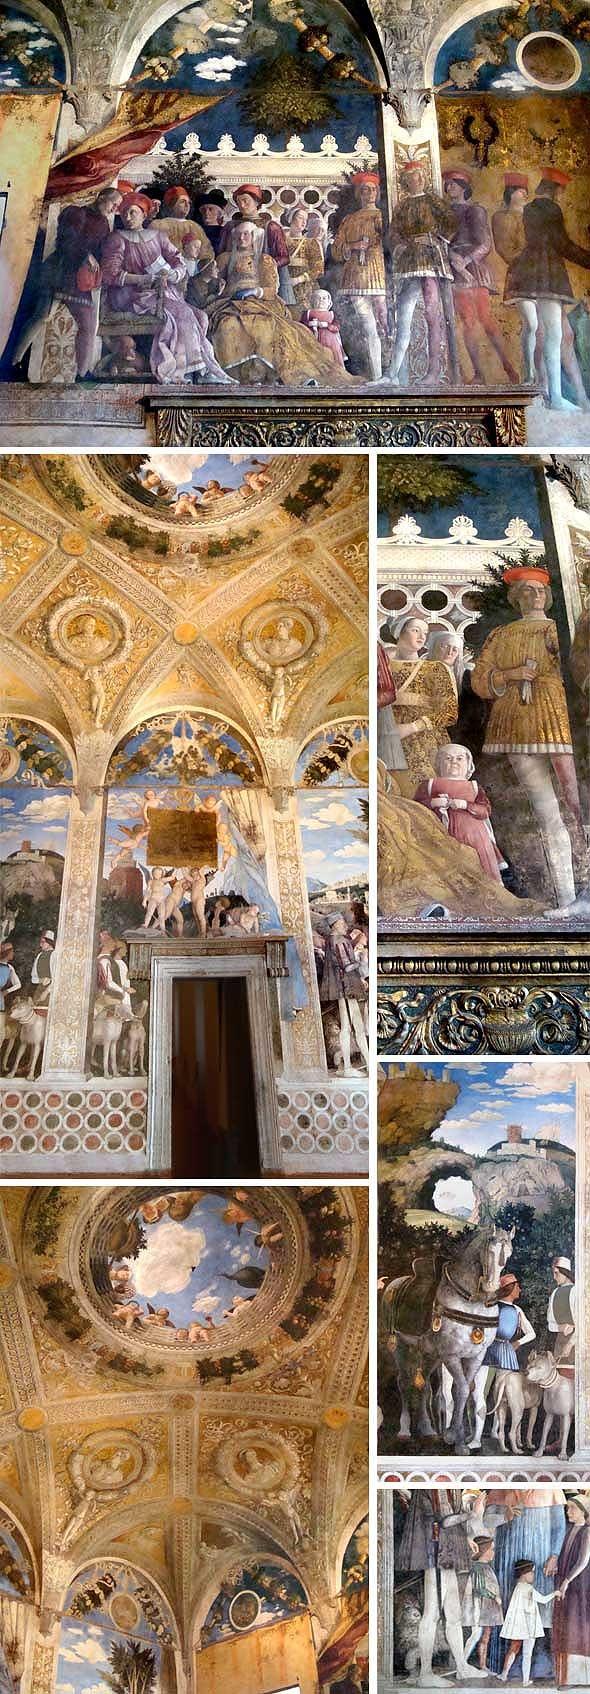 Andrea Mantegna: Camera Picta inside the Palazzo Ducale